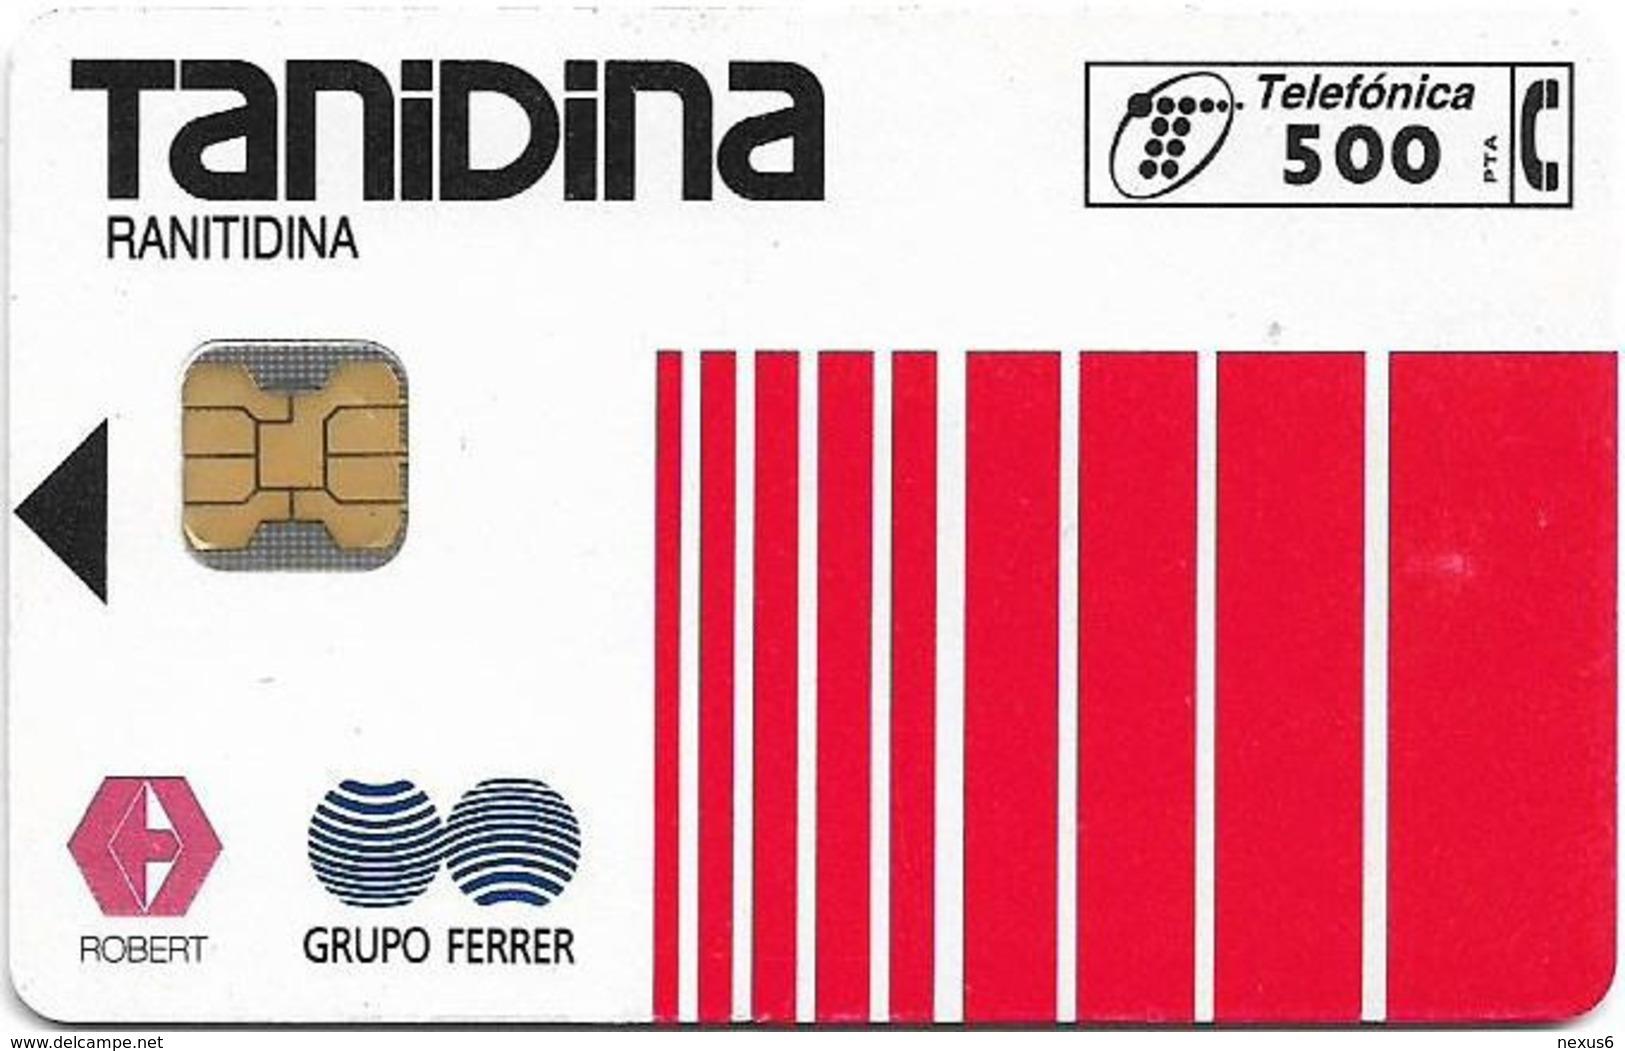 Spain - Telefónica - Tanidina - P-137 - 06.1995, 6.500ex, Used - España